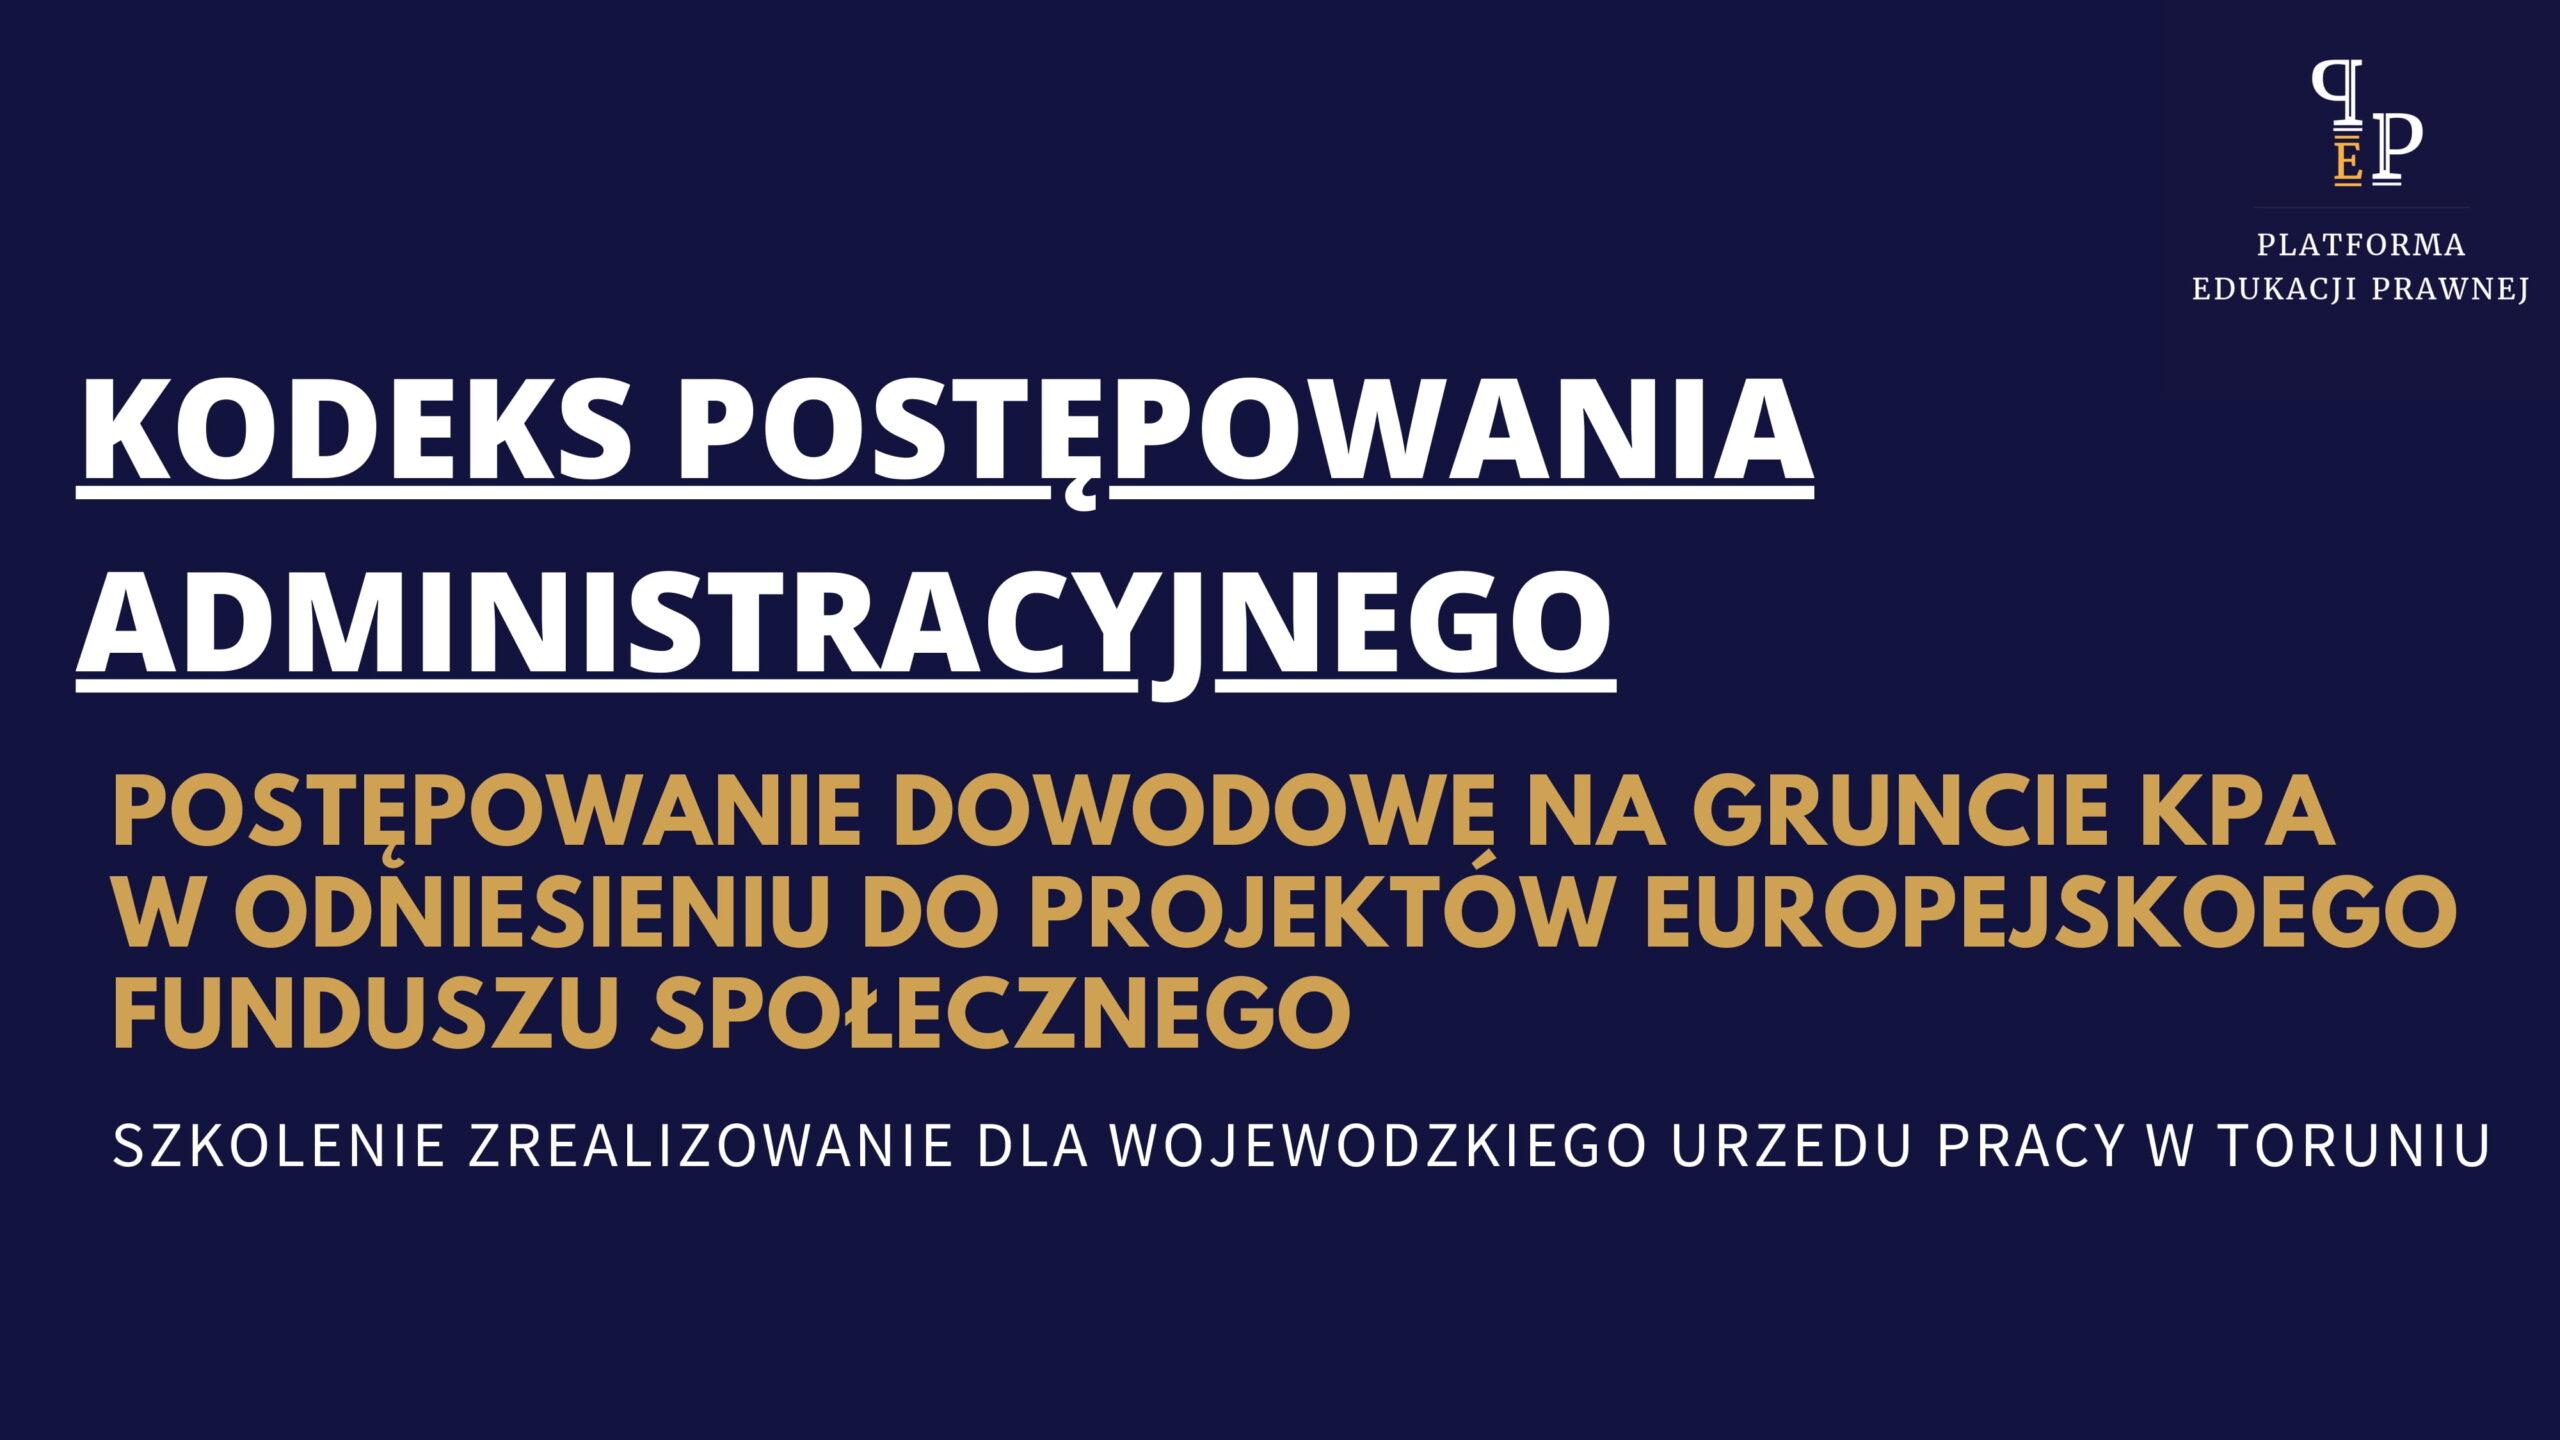 szkolenie_zrealizowanie_dla_wojewodzkiego_urzedu_pracy_w_toruniu